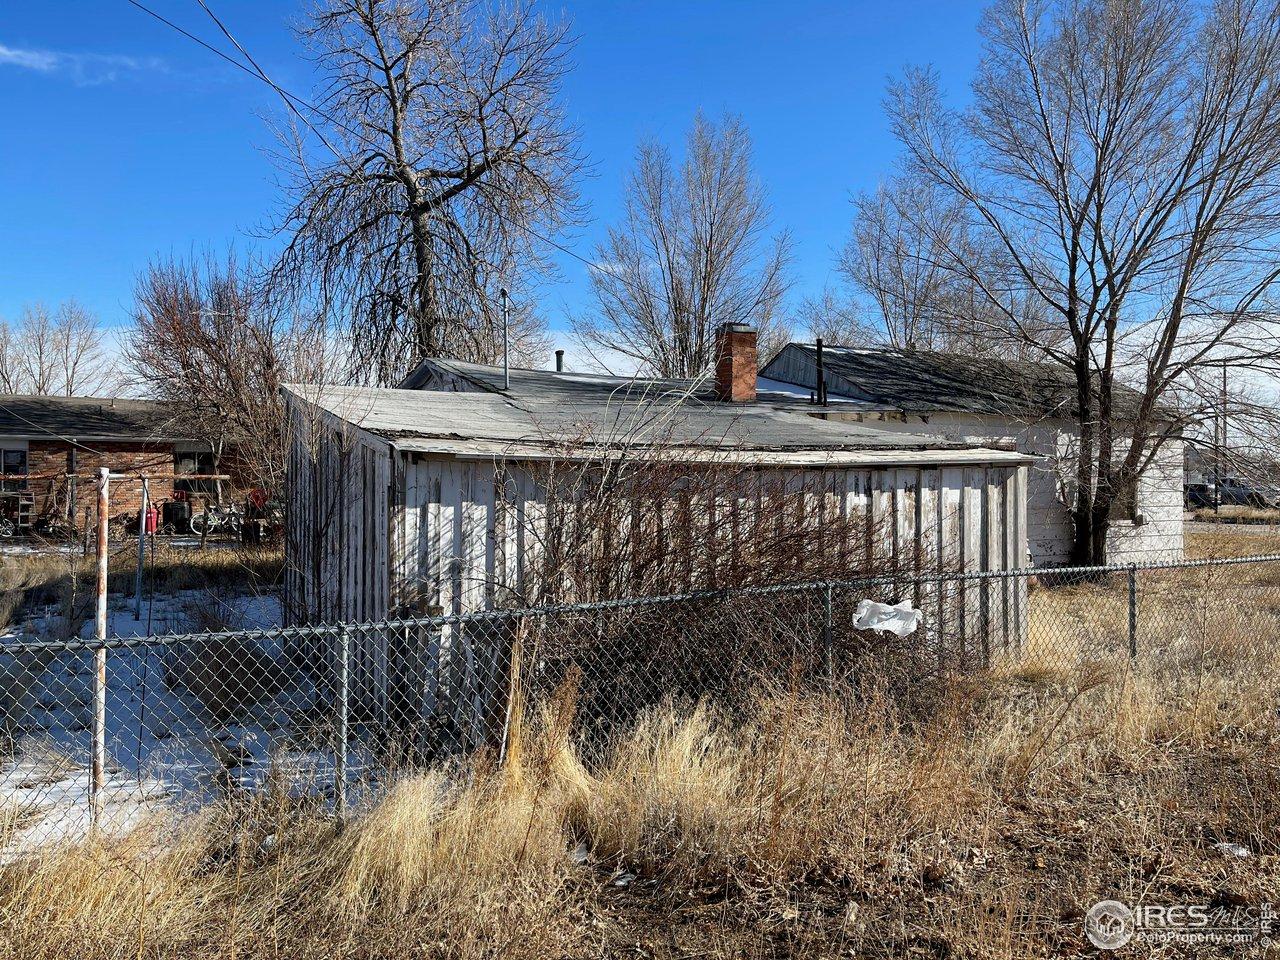 garage west side of fencing